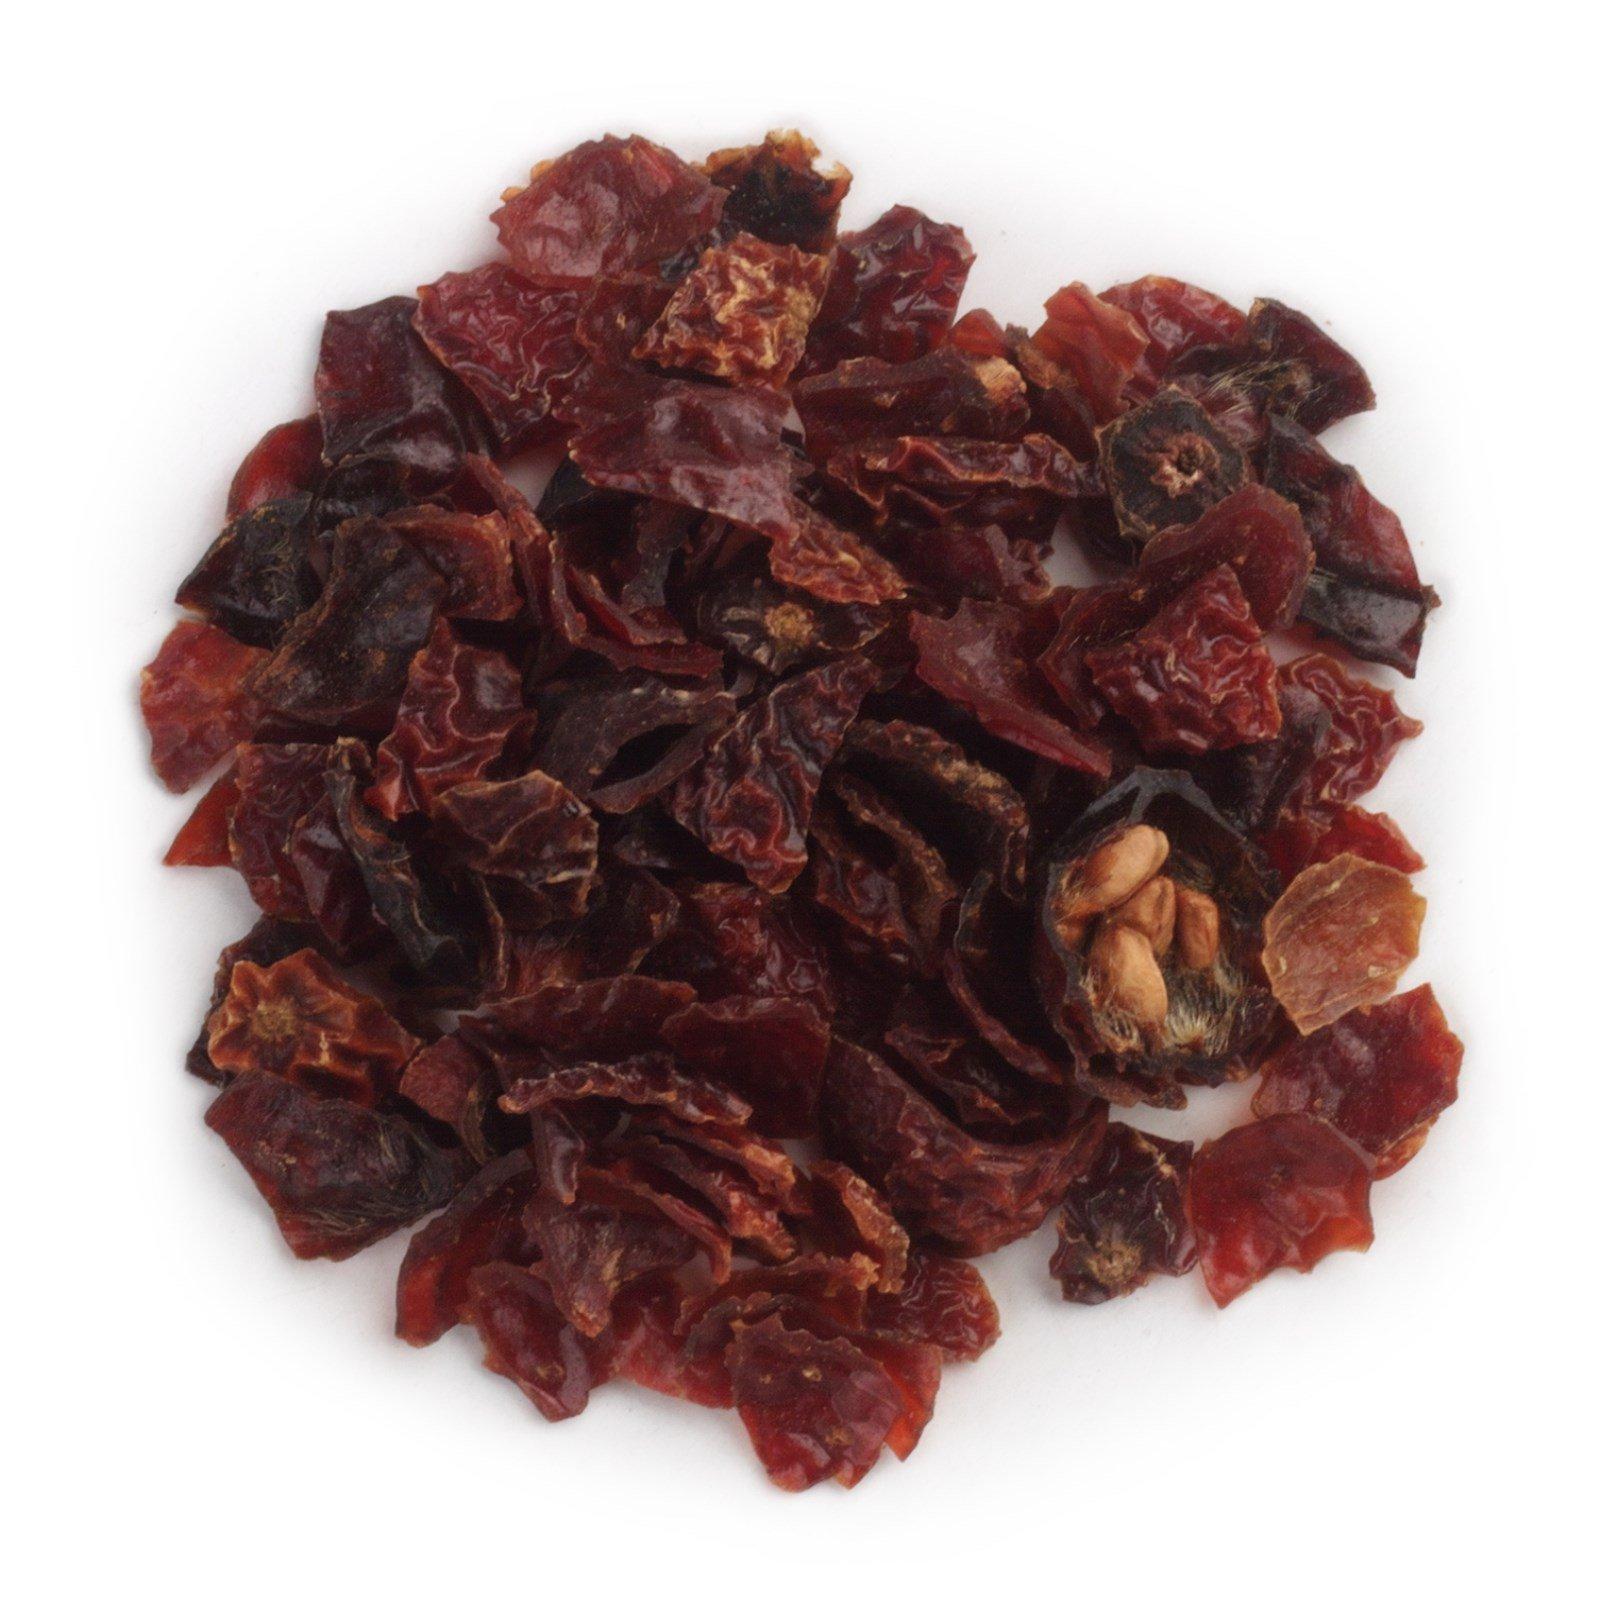 Frontier Natural Products, Органический нарезанный и просеянный шиповник без семян, 16 унций (453 г)